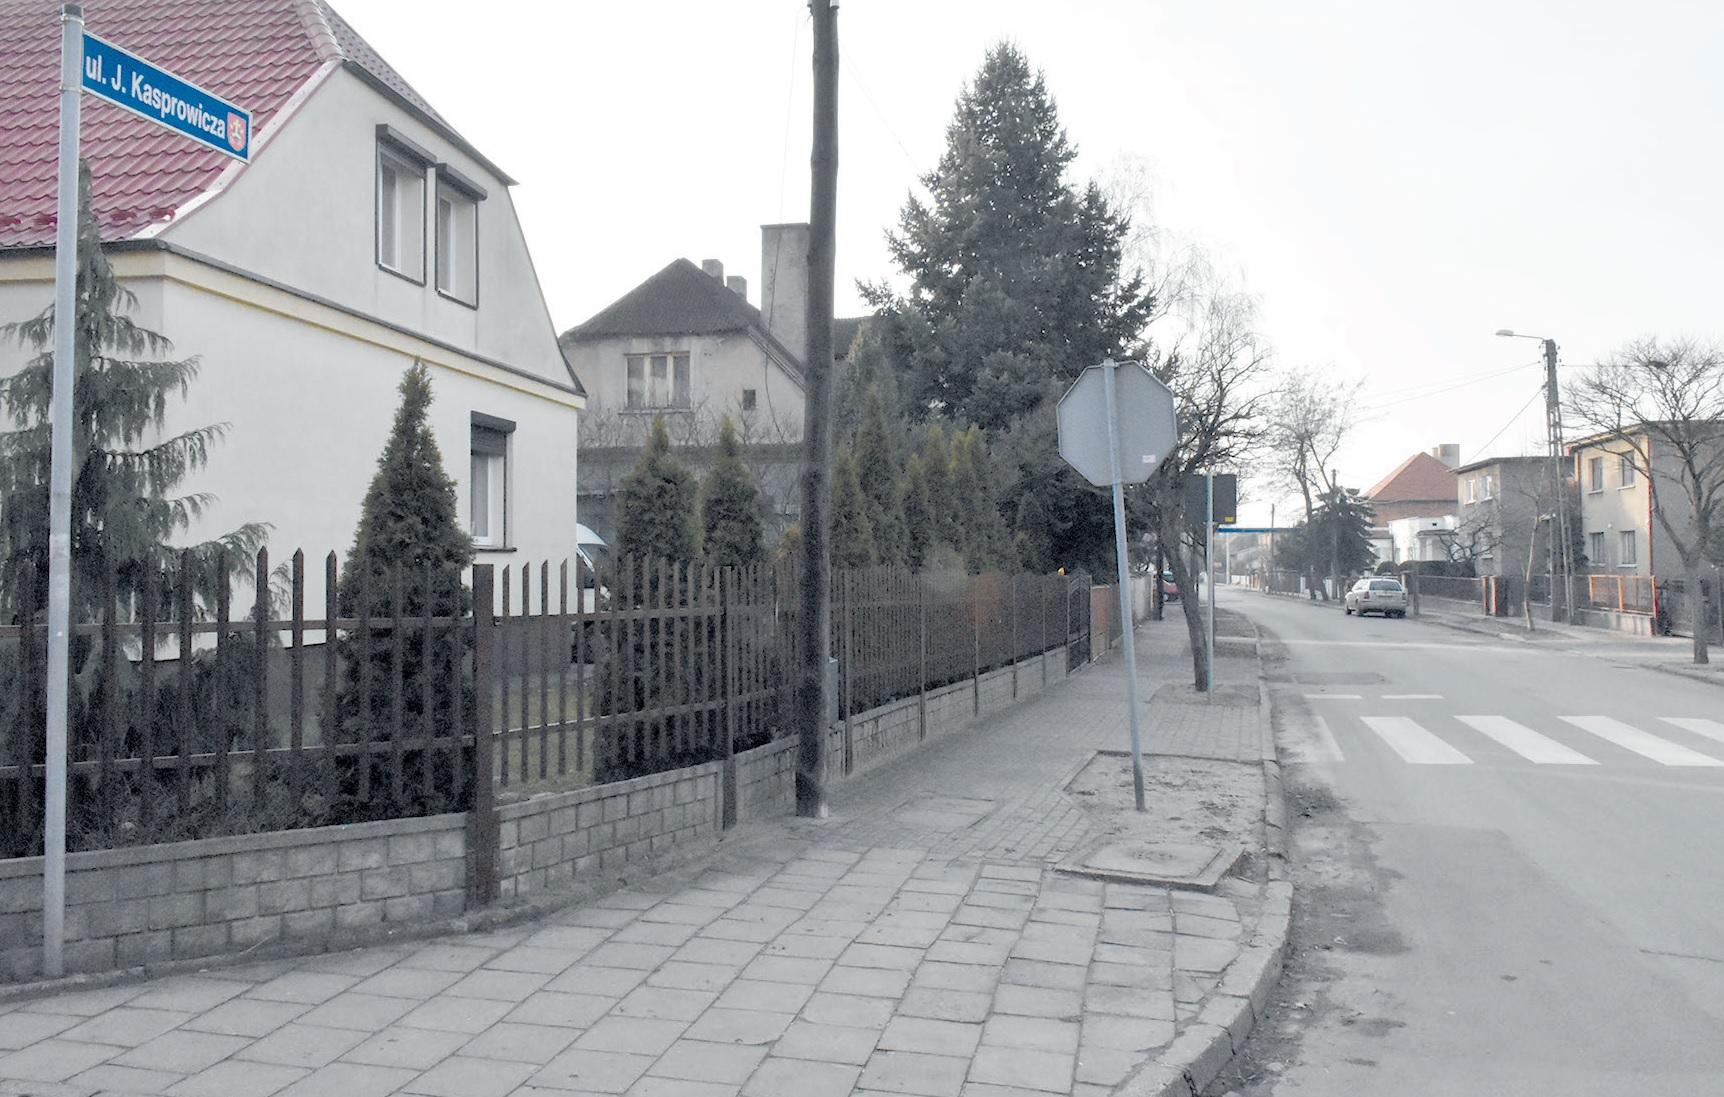 Jan Kasprowicz Z Cyklu Patroni Ostrowskich Ulic Kurier